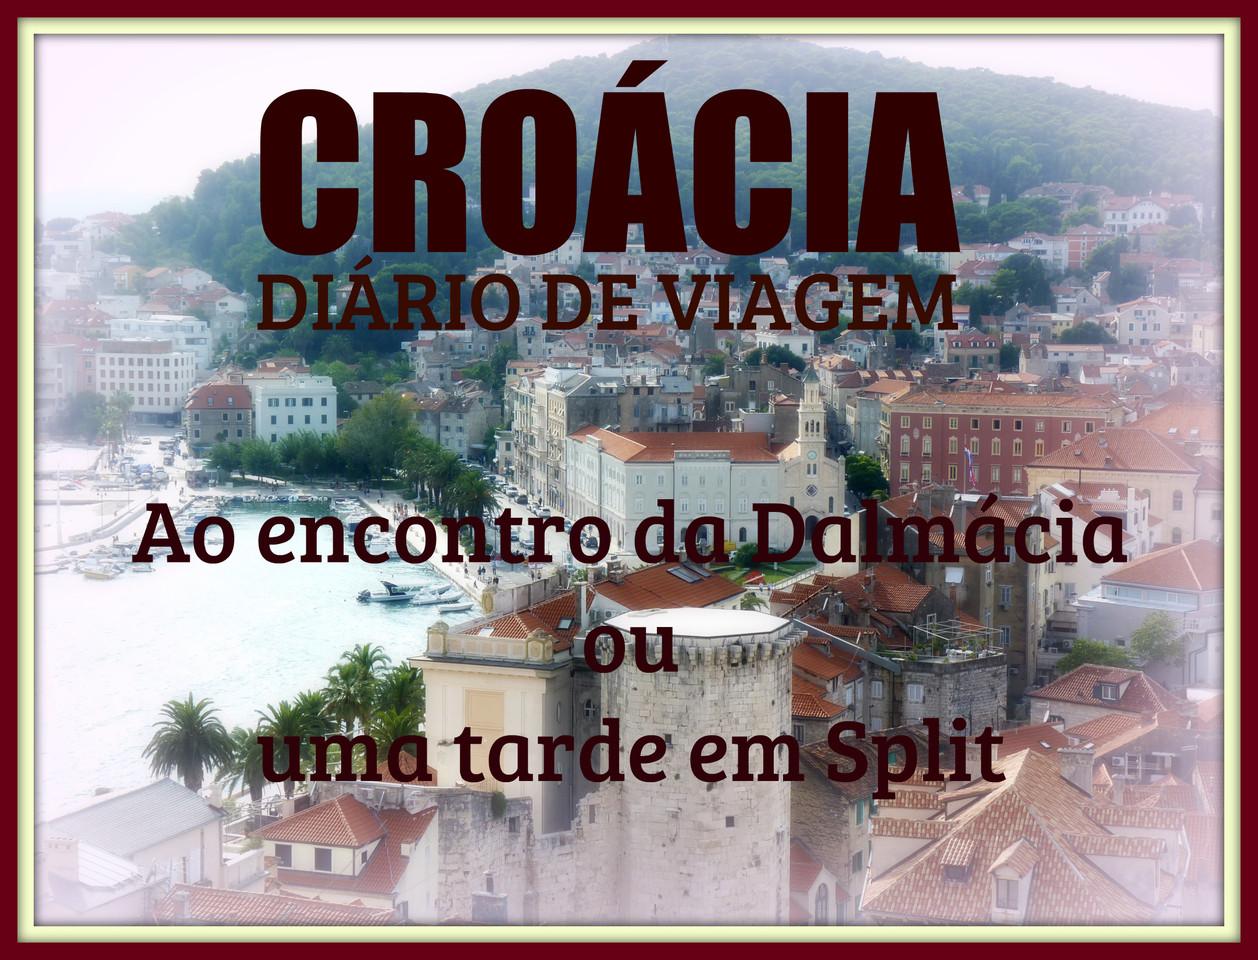 Croácia diário de viagem V.jpg